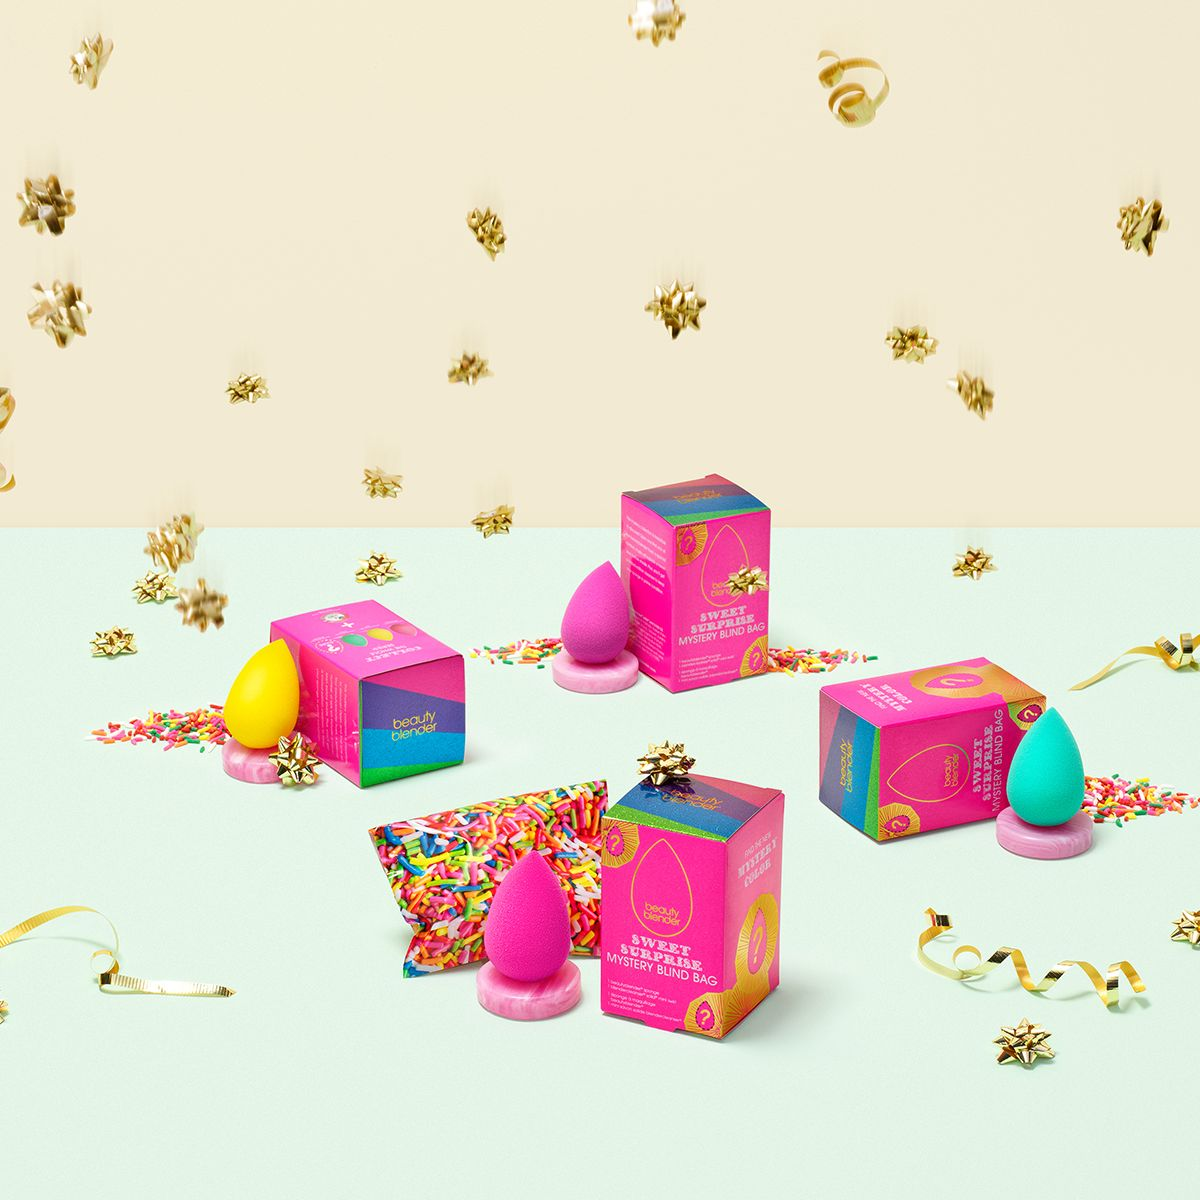 Подарочный набор Beautyblender Sweet Surprise, цвет:  разноцветный Beautyblender